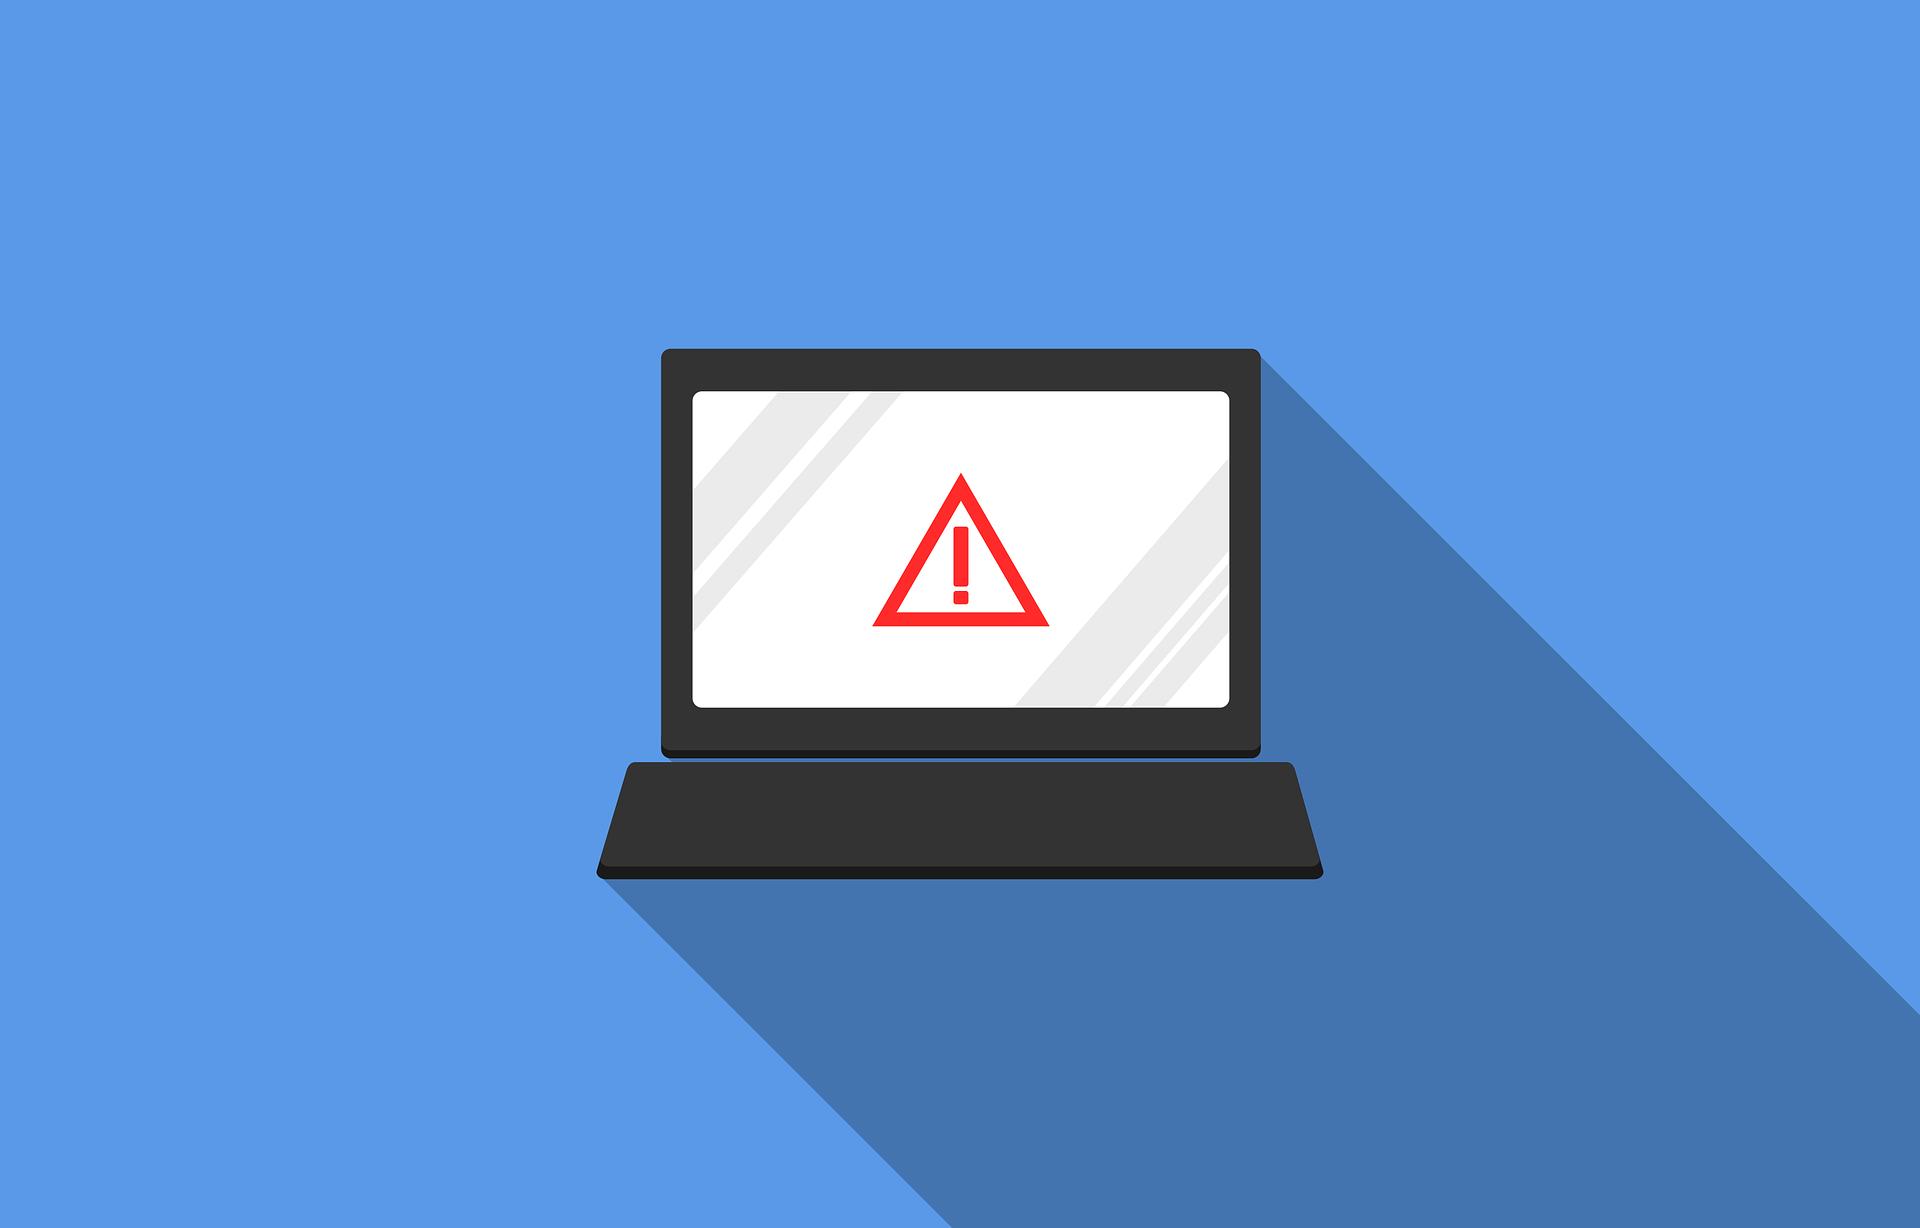 Laptop caution